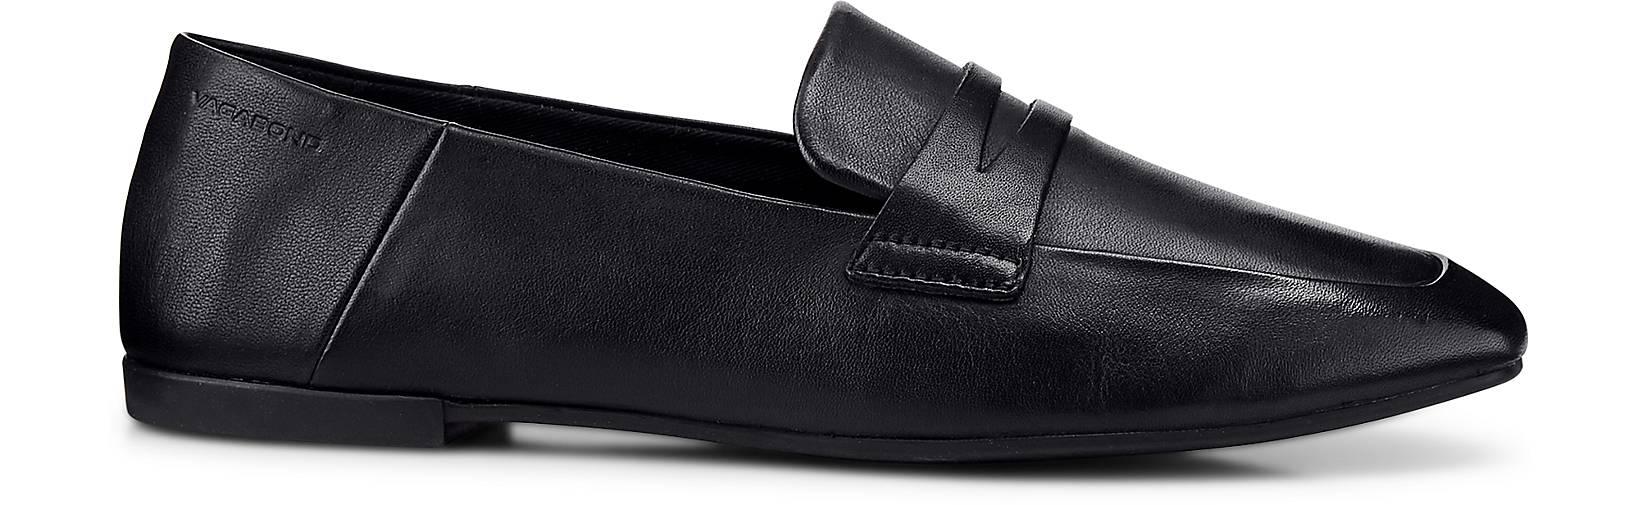 Vagabond Loafer AYDEN beliebte in schwarz kaufen - 47308301 GÖRTZ Gute Qualität beliebte AYDEN Schuhe c71fa3